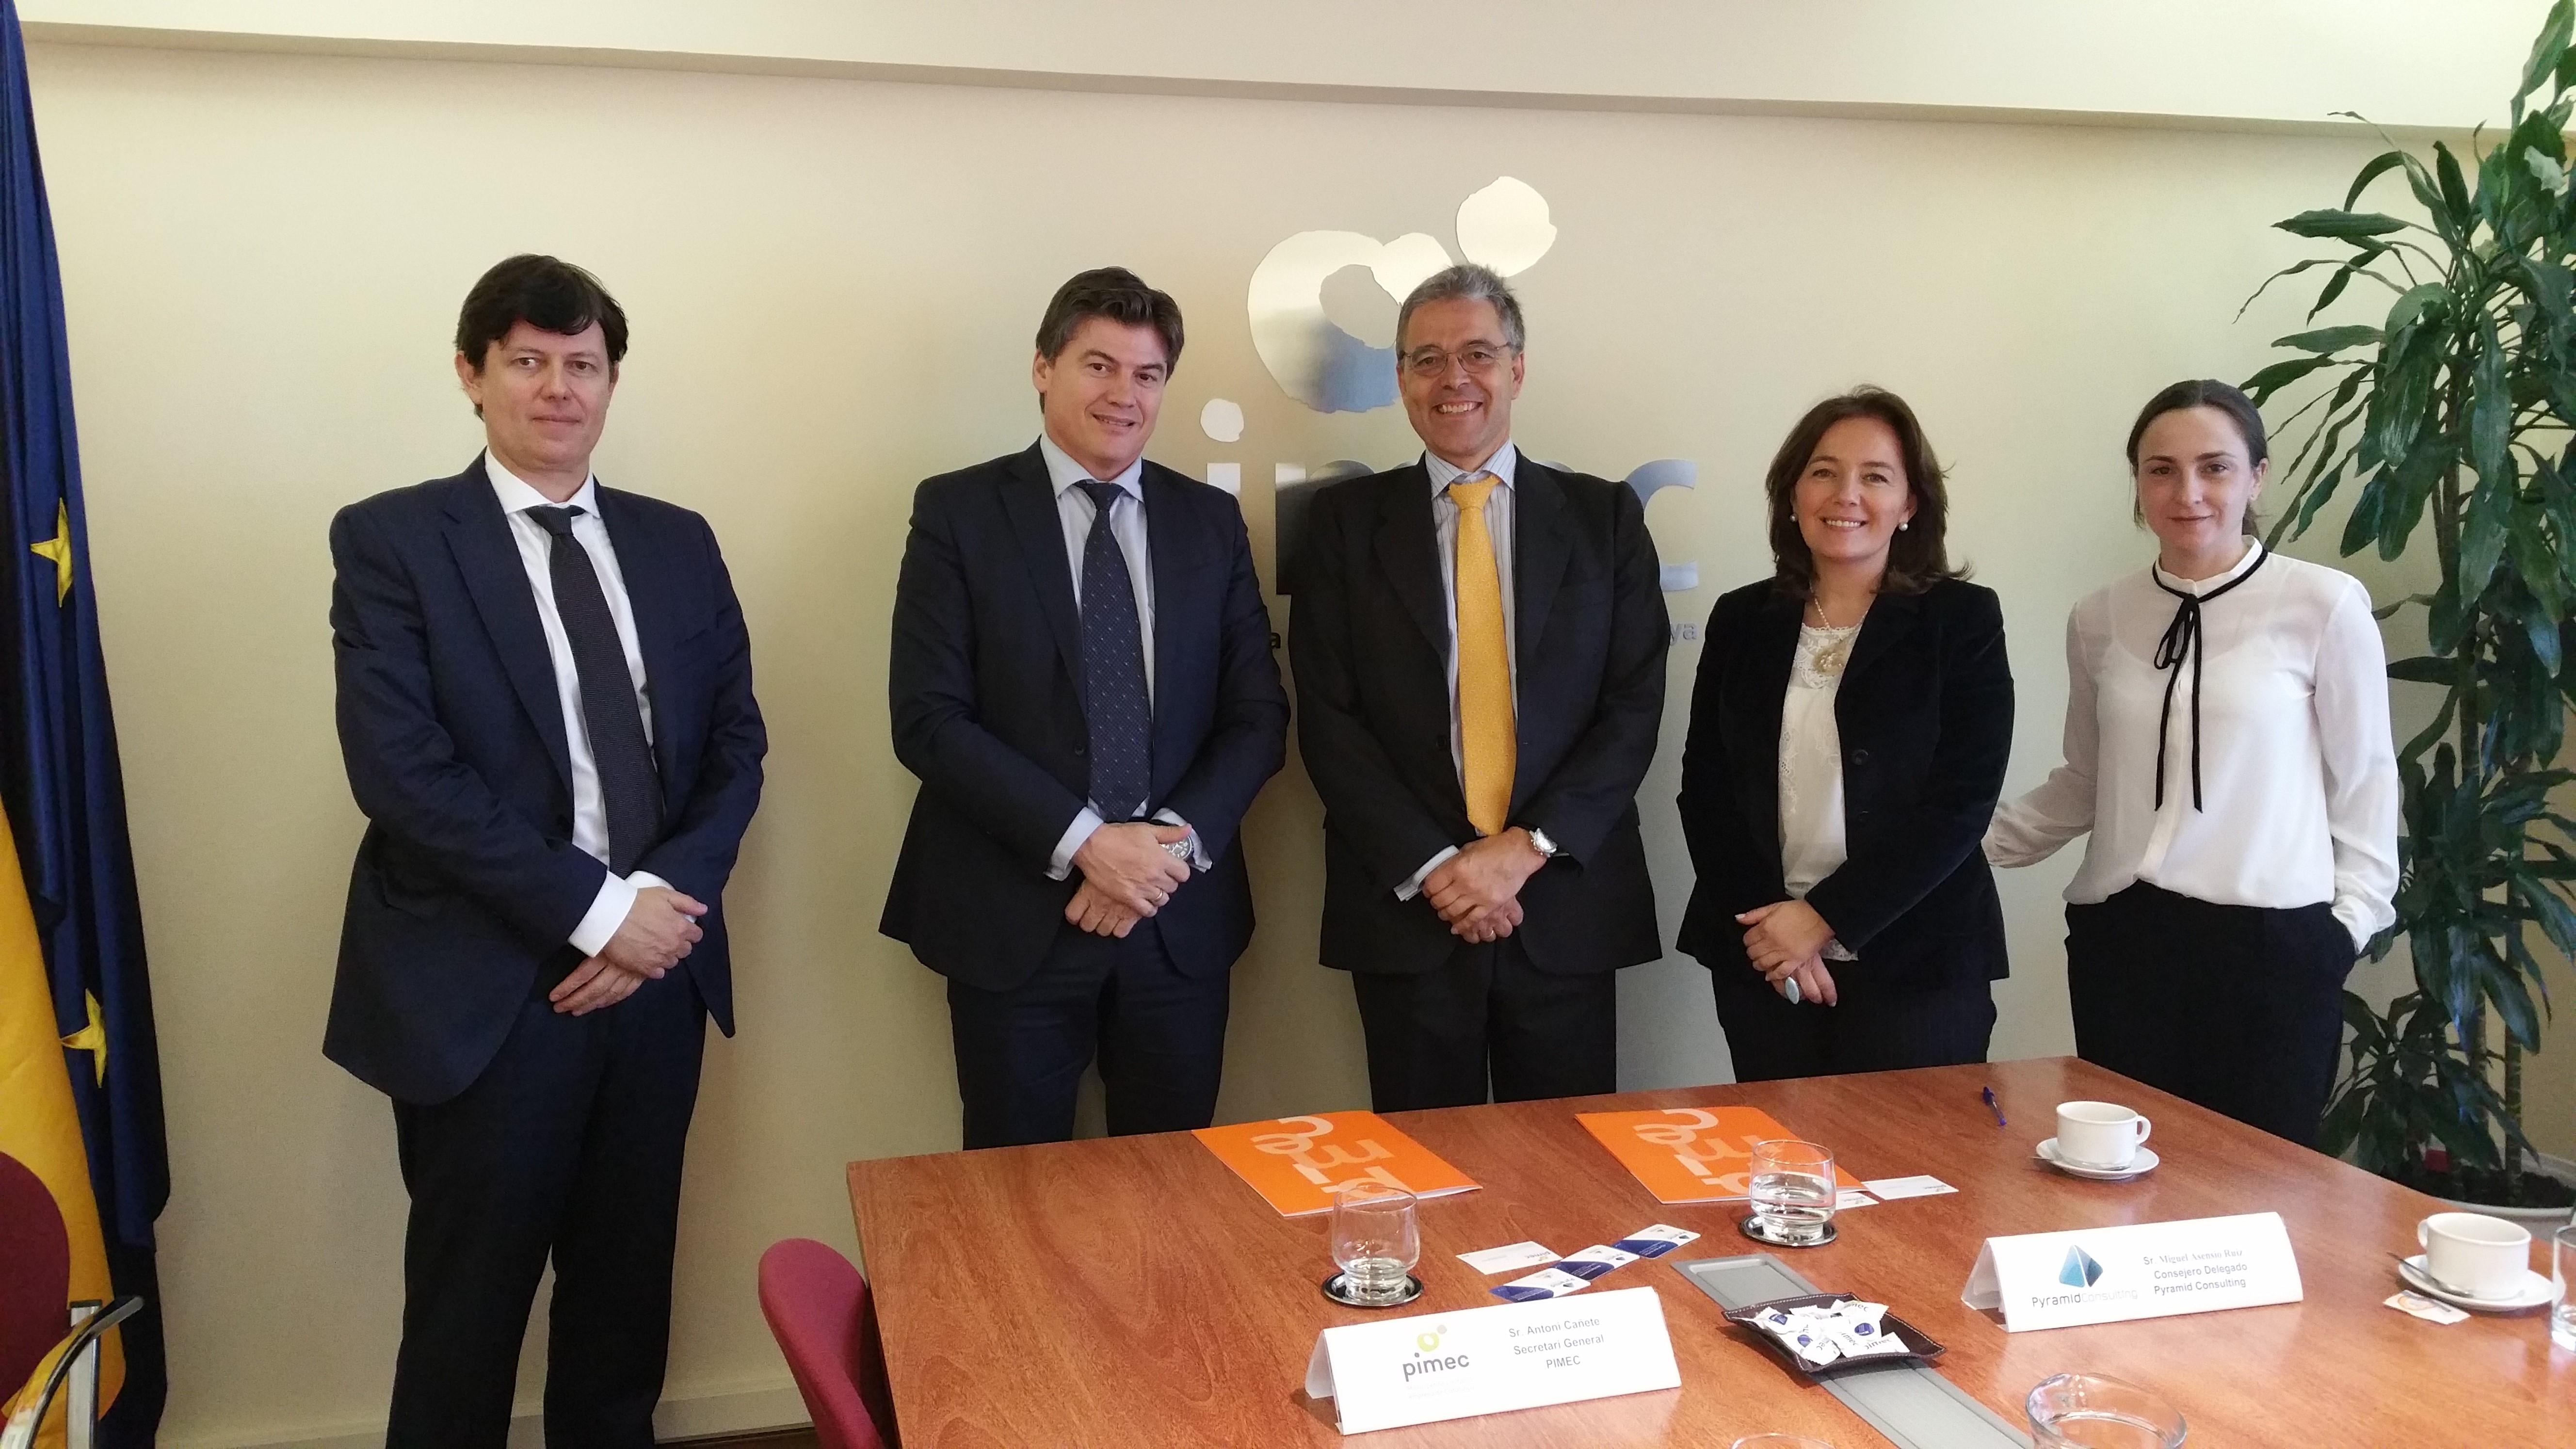 Los socios de PIMEC se beneficiarán de un nuevo acuerdo